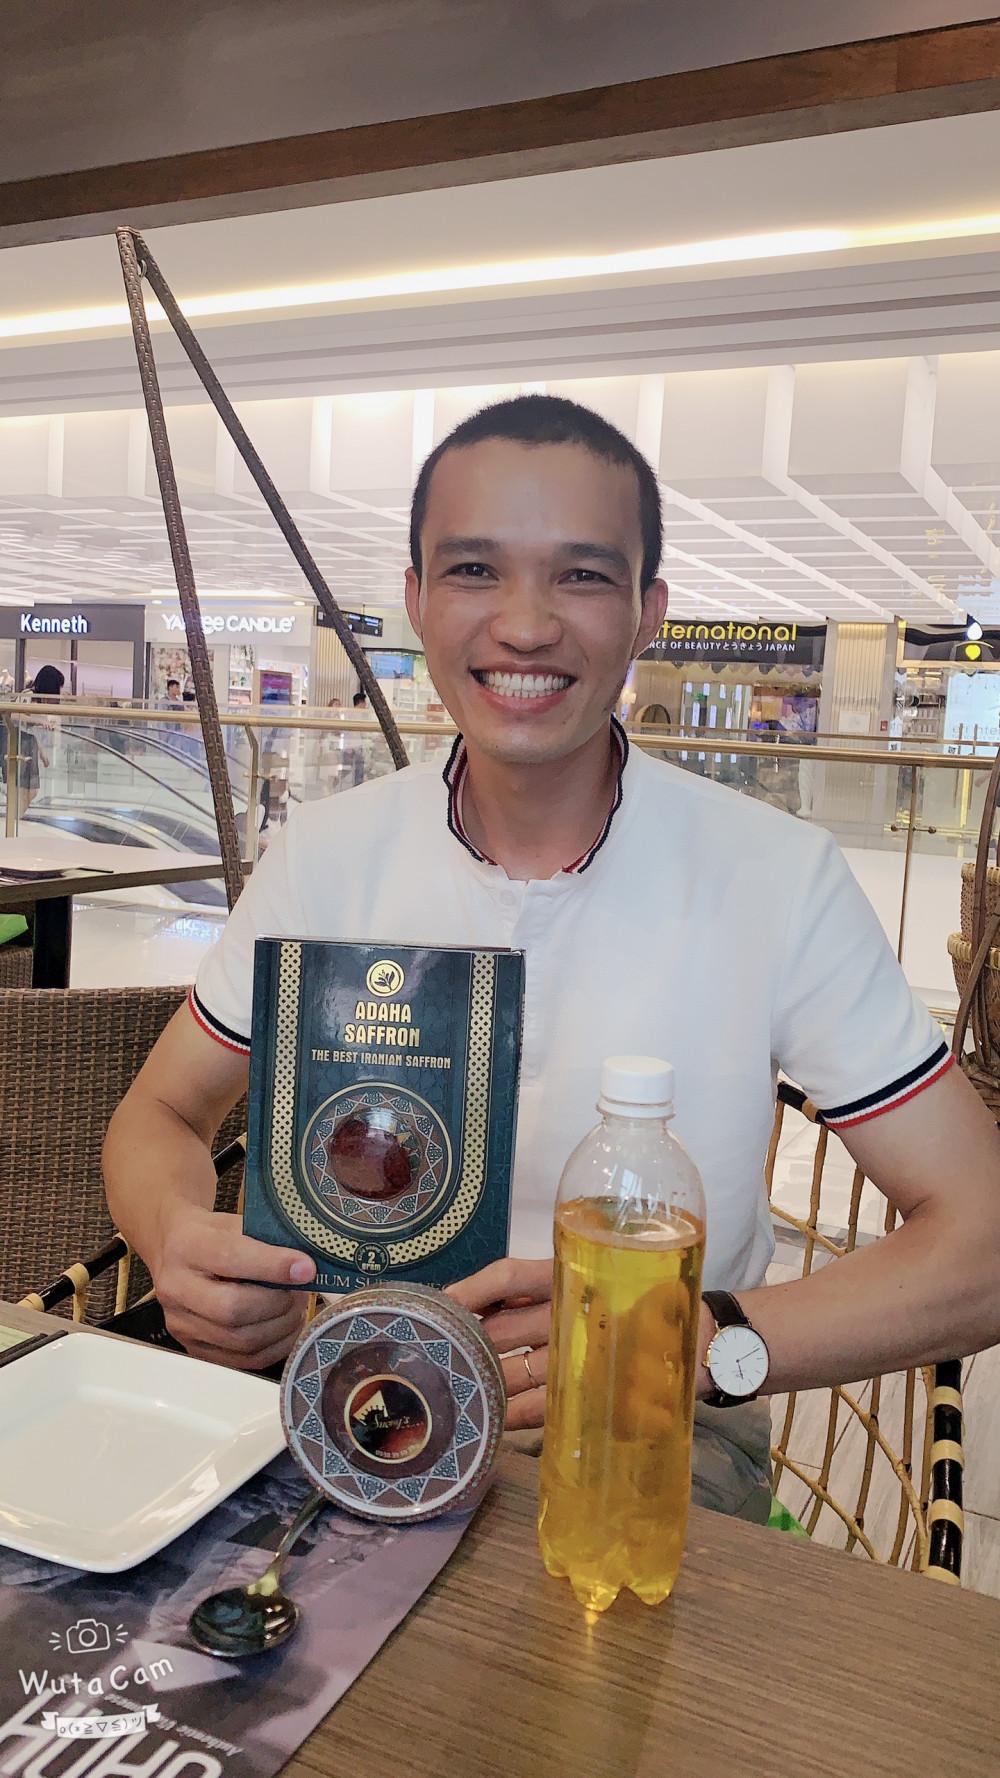 Nhụy hoa nghệ Tây Safron Adaha độc quyền phân phối tại Châu Á Thái Bình Dương do Hoa hậu Áo Dài Doanh Nhân Thu Sương đưa về Việt Nam